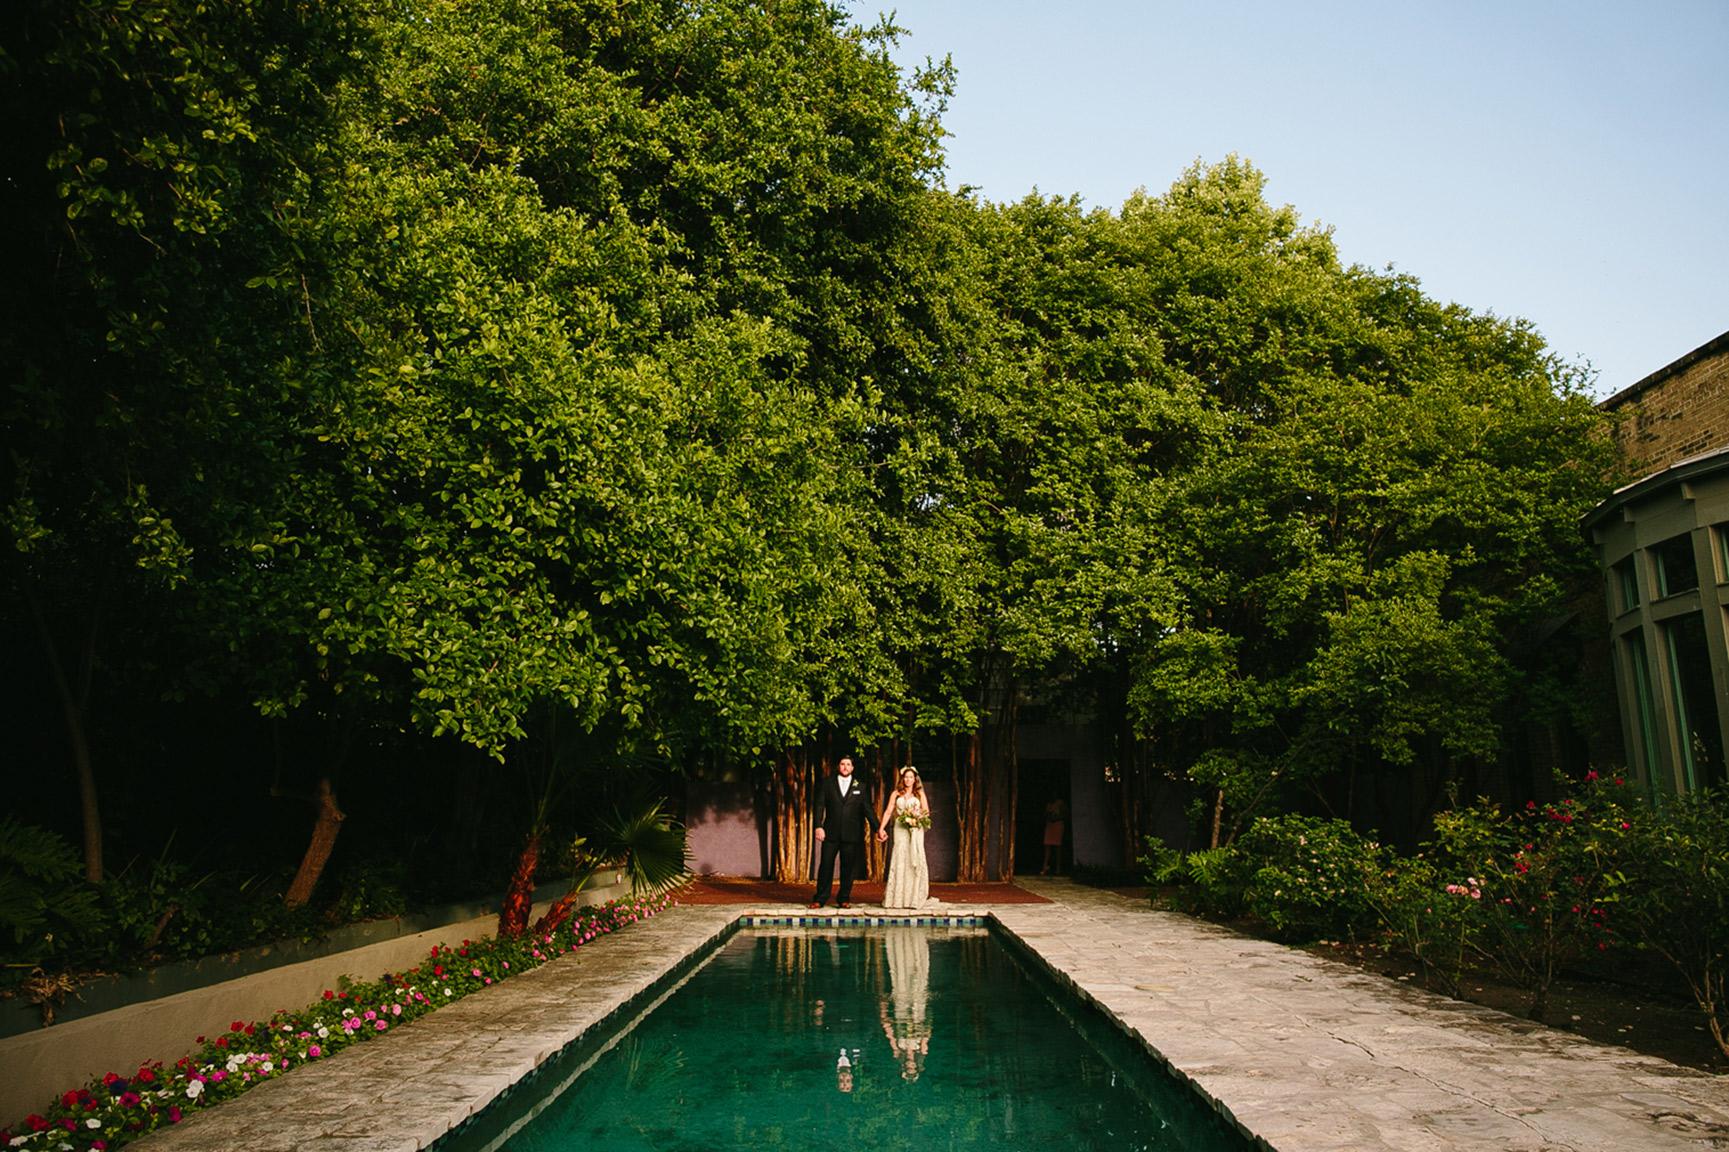 Austin_WeddingPhotographer026.jpg